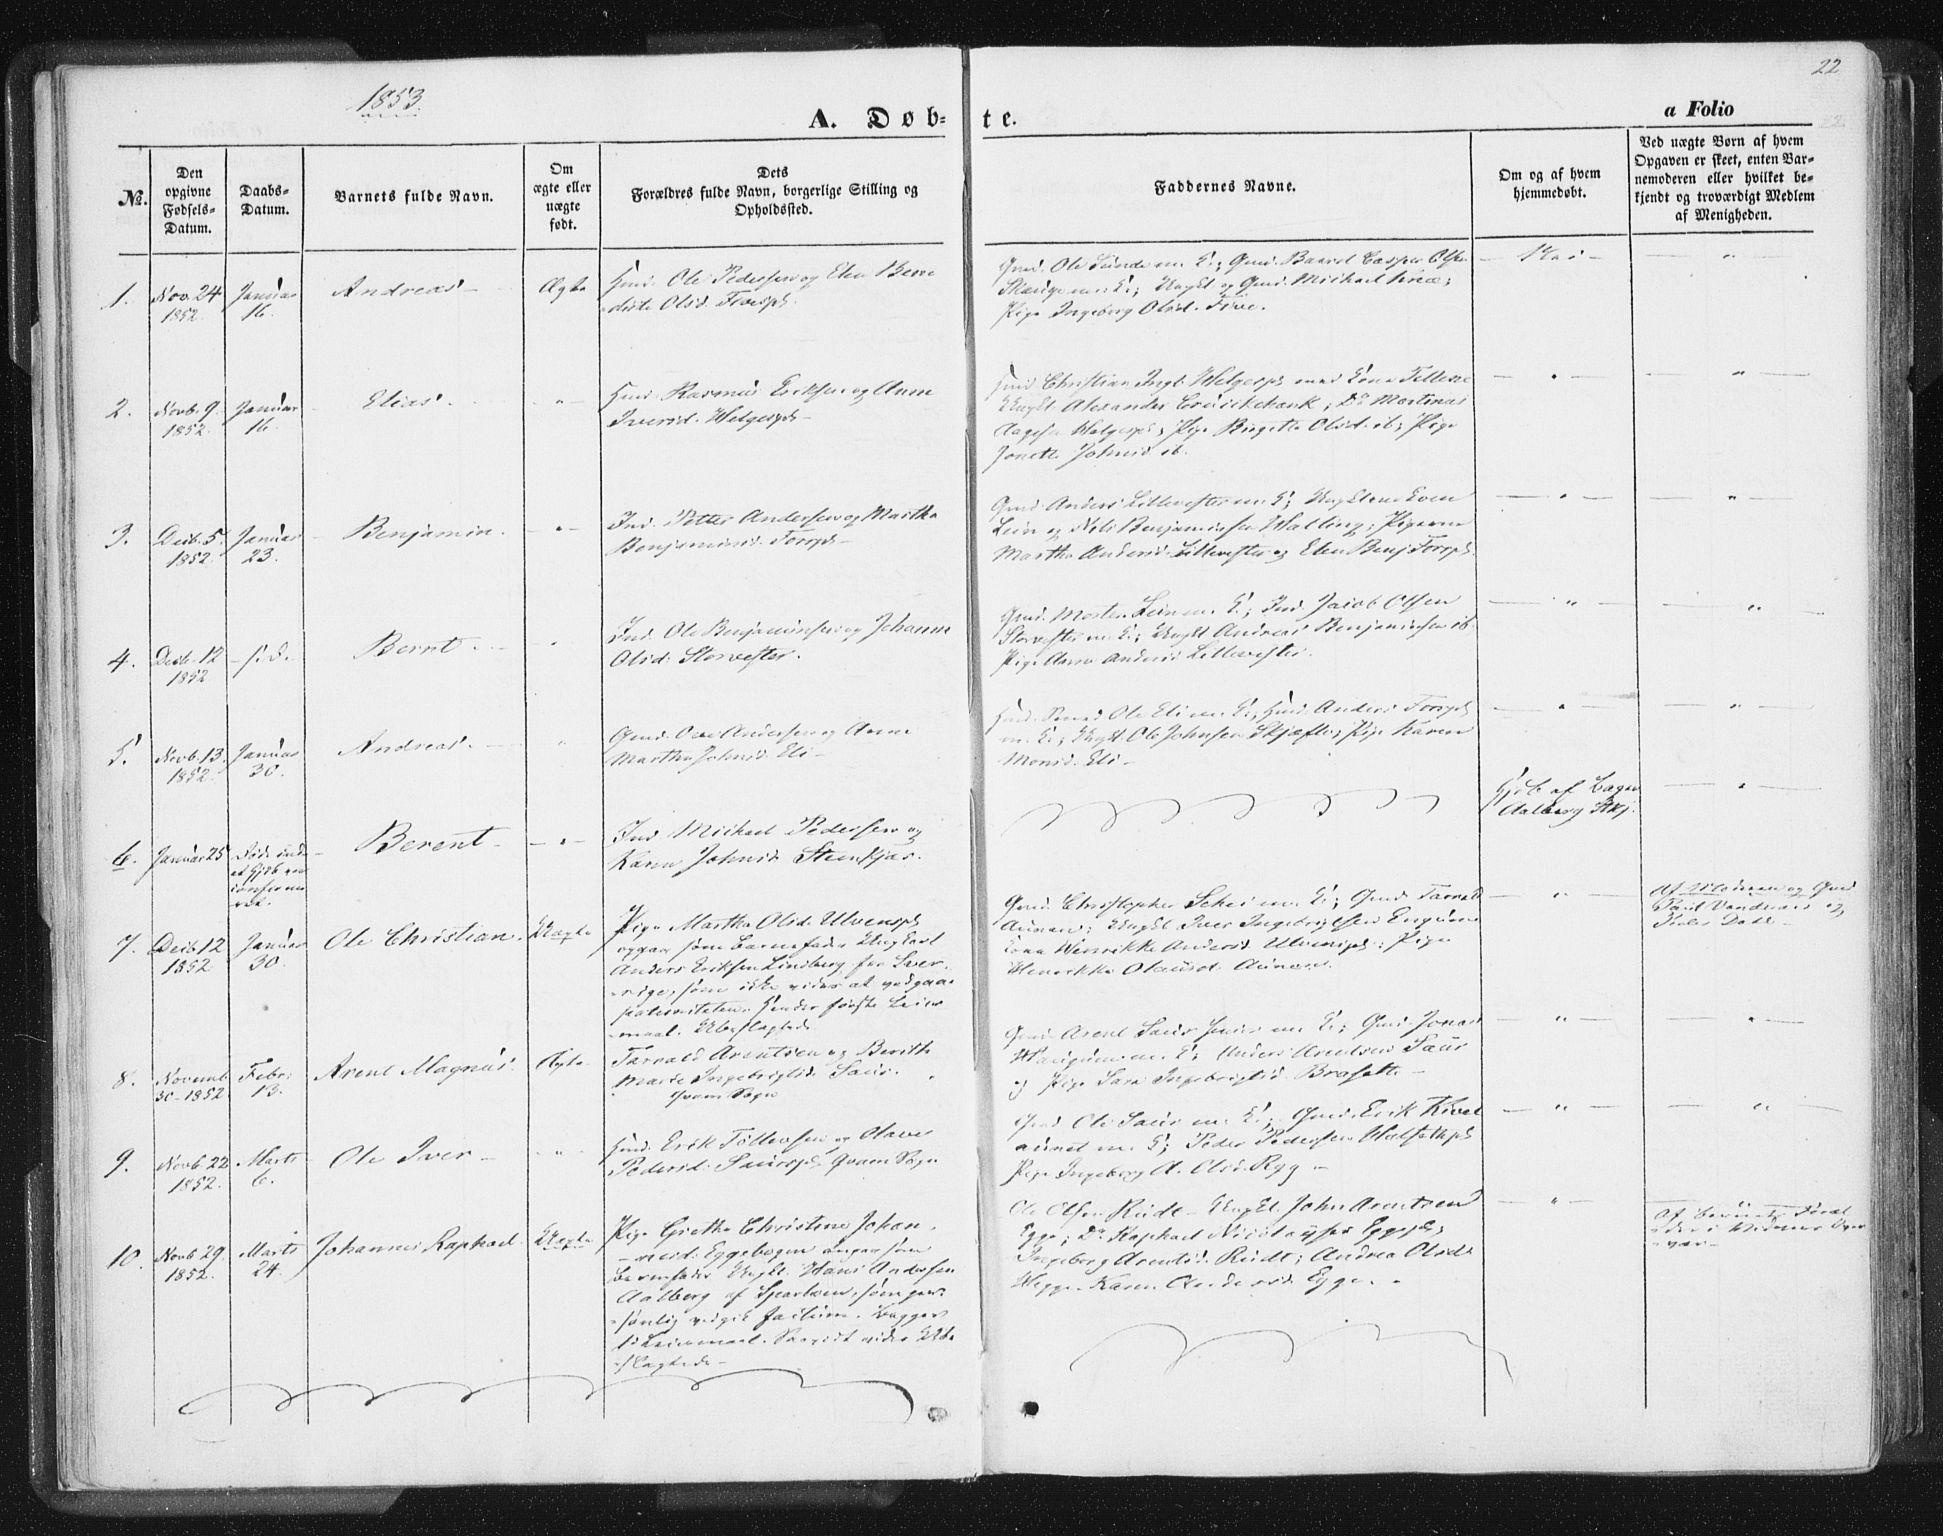 SAT, Ministerialprotokoller, klokkerbøker og fødselsregistre - Nord-Trøndelag, 746/L0446: Ministerialbok nr. 746A05, 1846-1859, s. 22